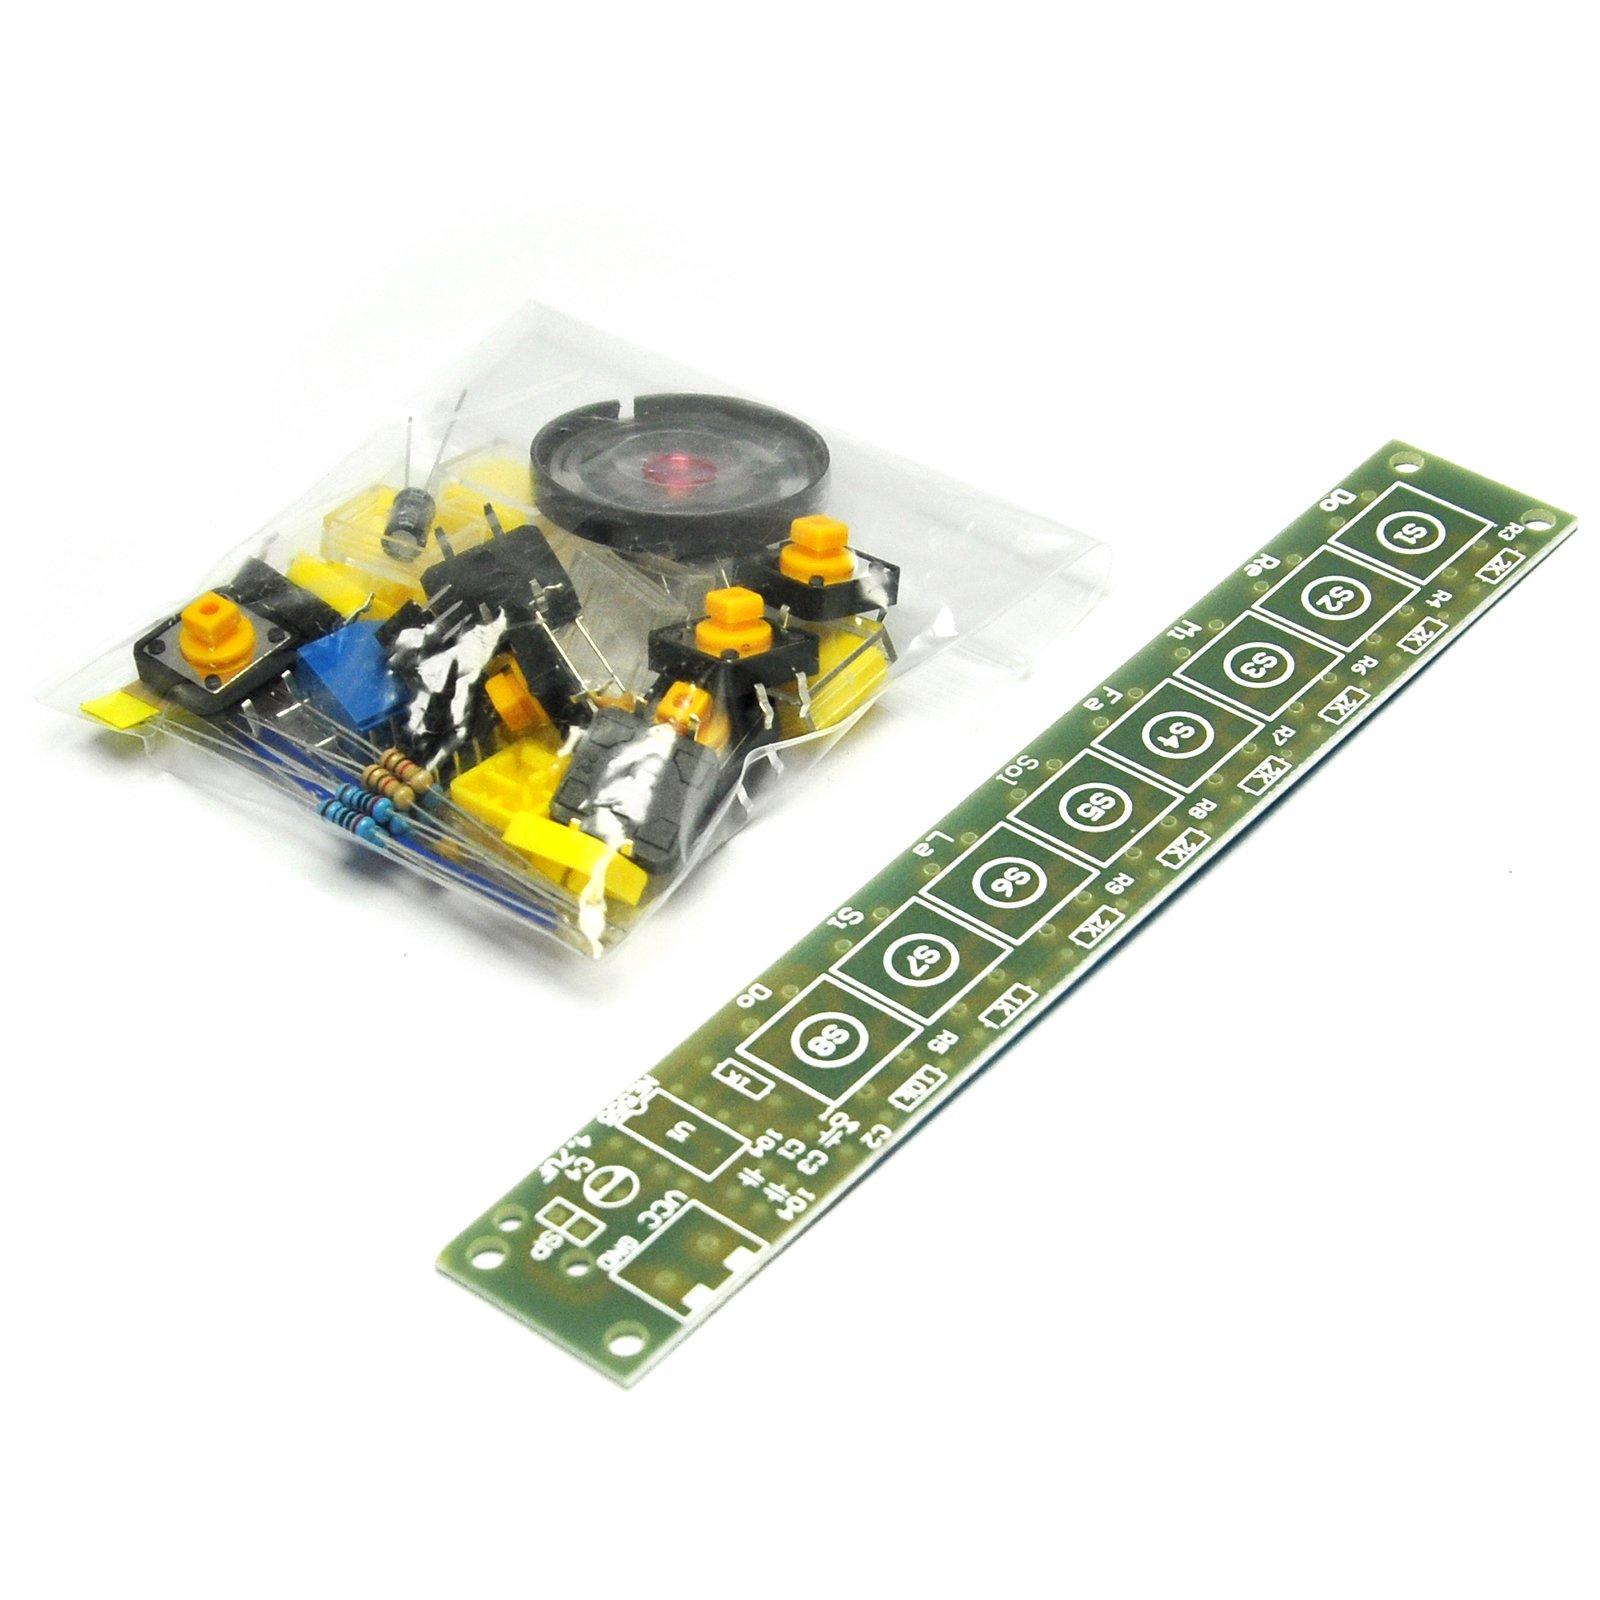 Gikfun NE555 Electronic organ DIY Scatter Diy making small invention electronic organ kit teaching kit for Arduino EK1898 by Gikfun (Image #3)